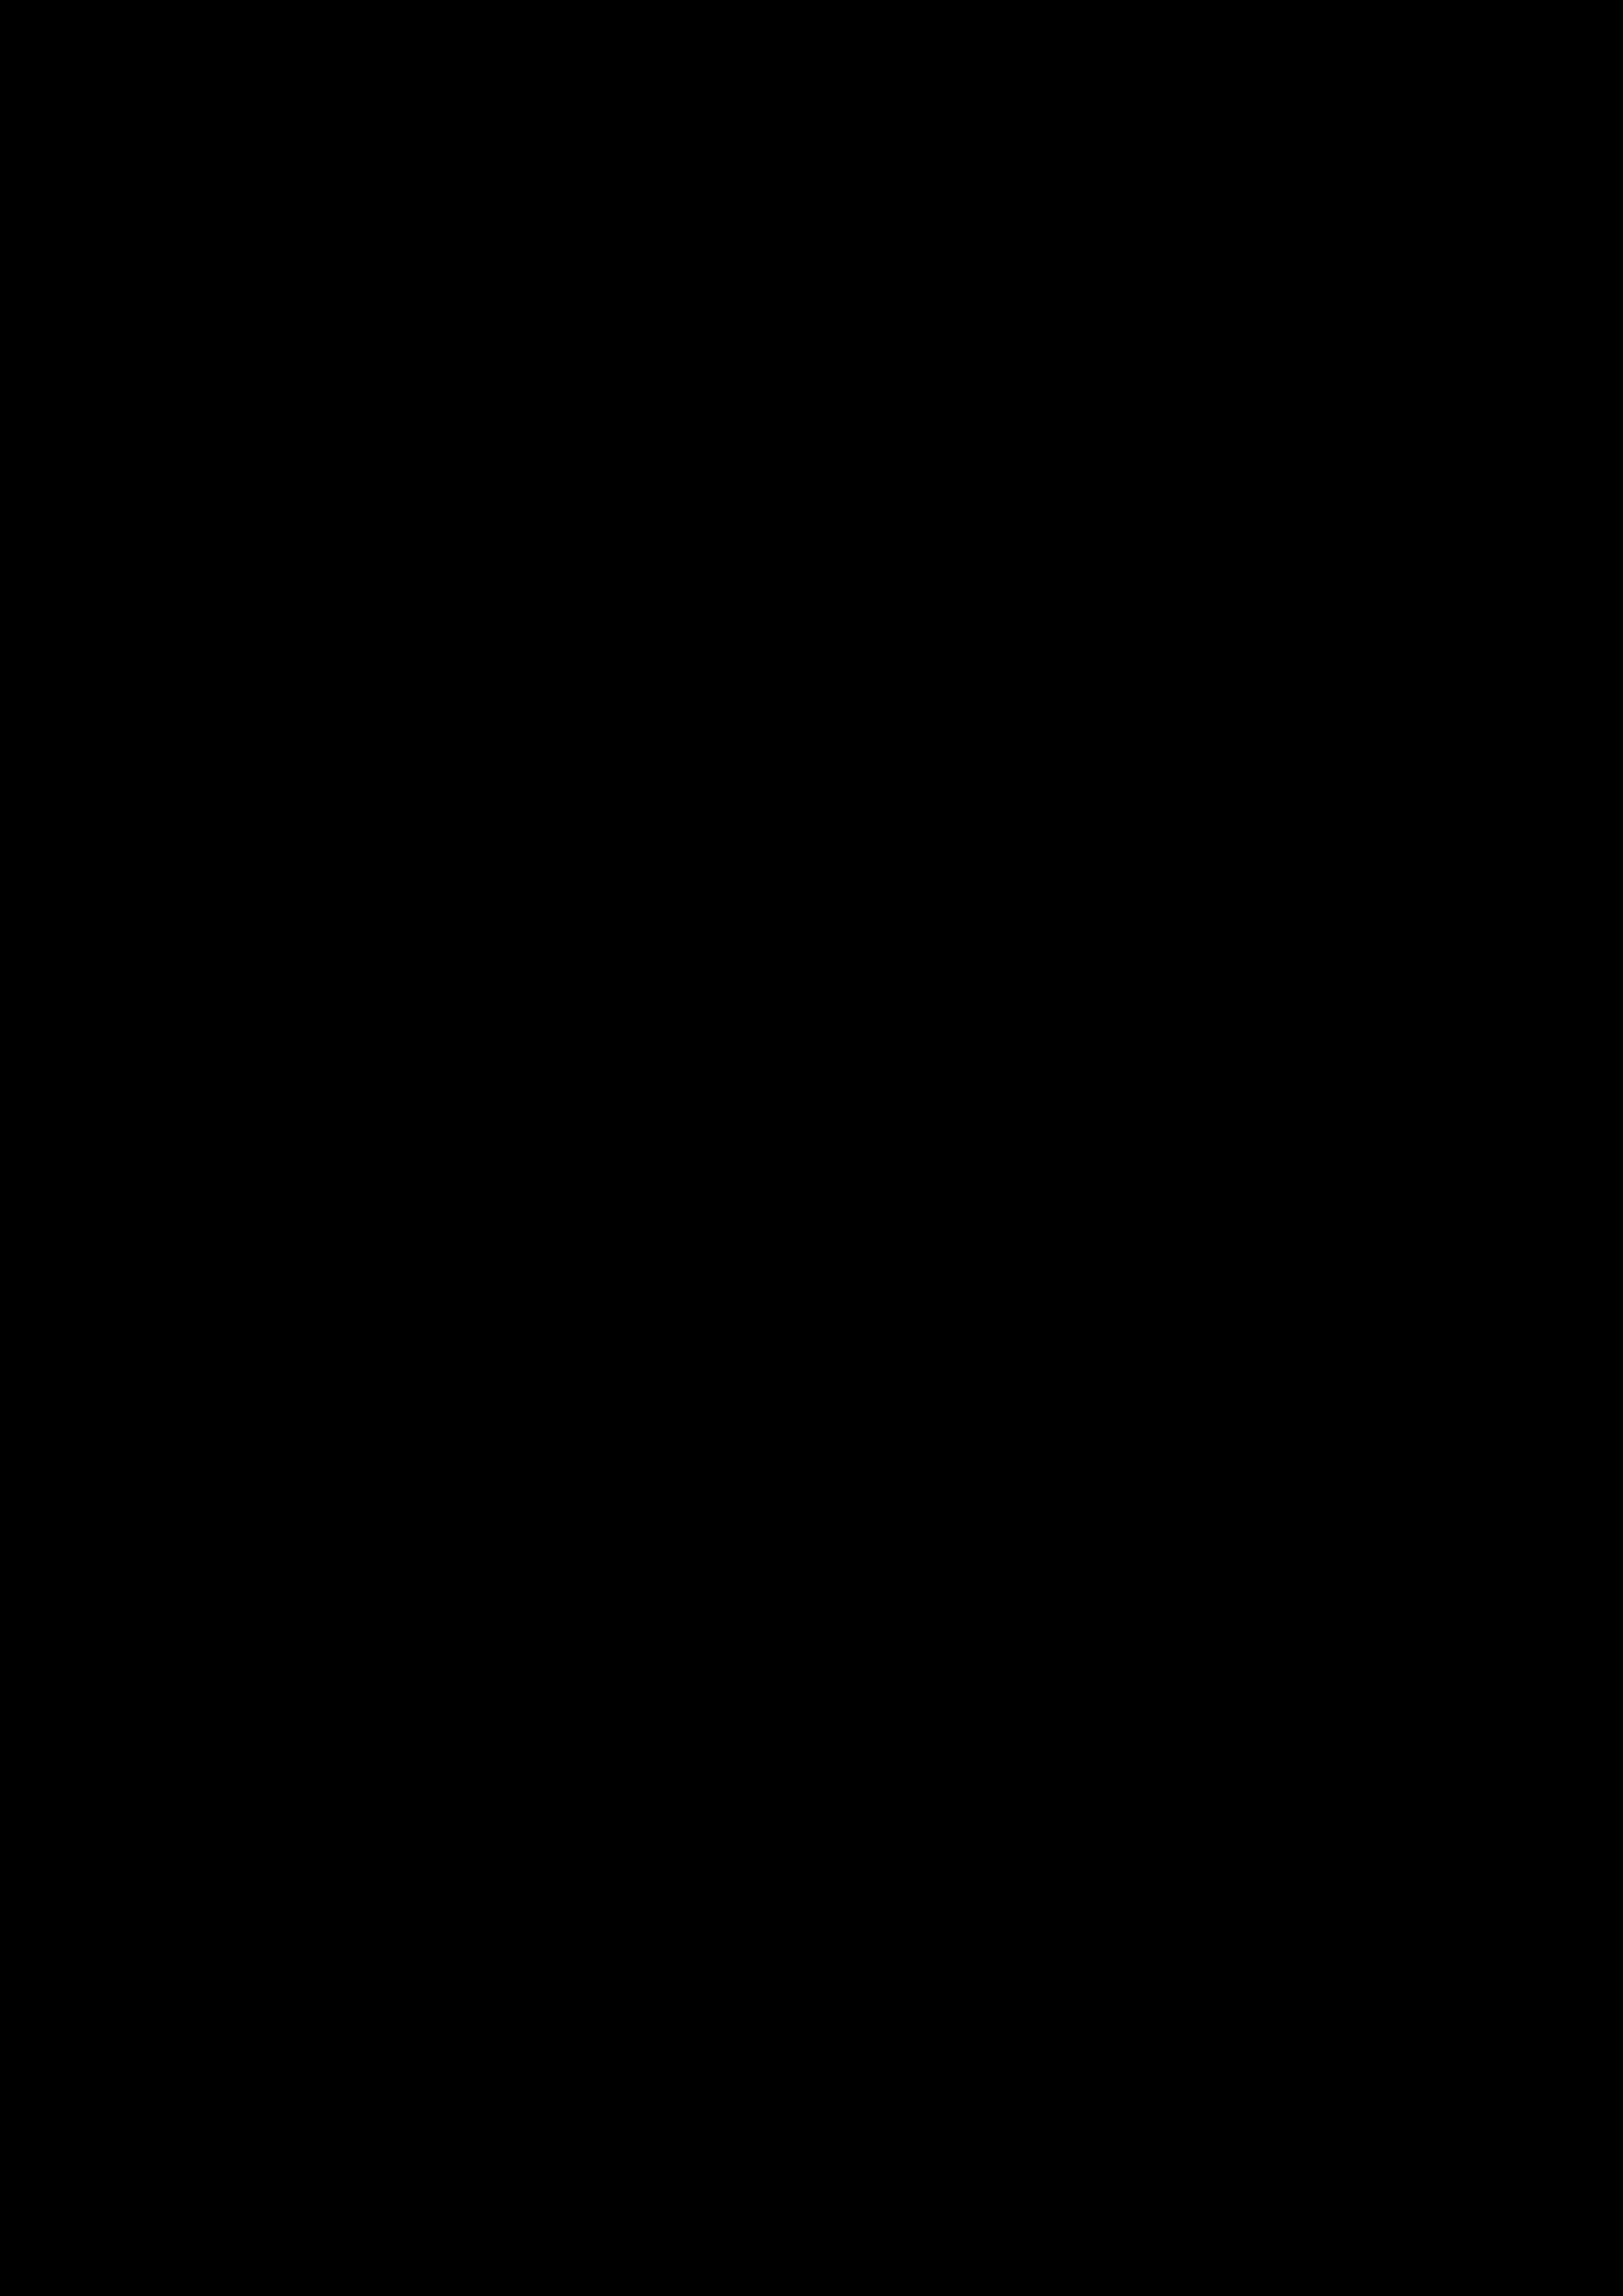 Savivuoren ulkoilualuekartta